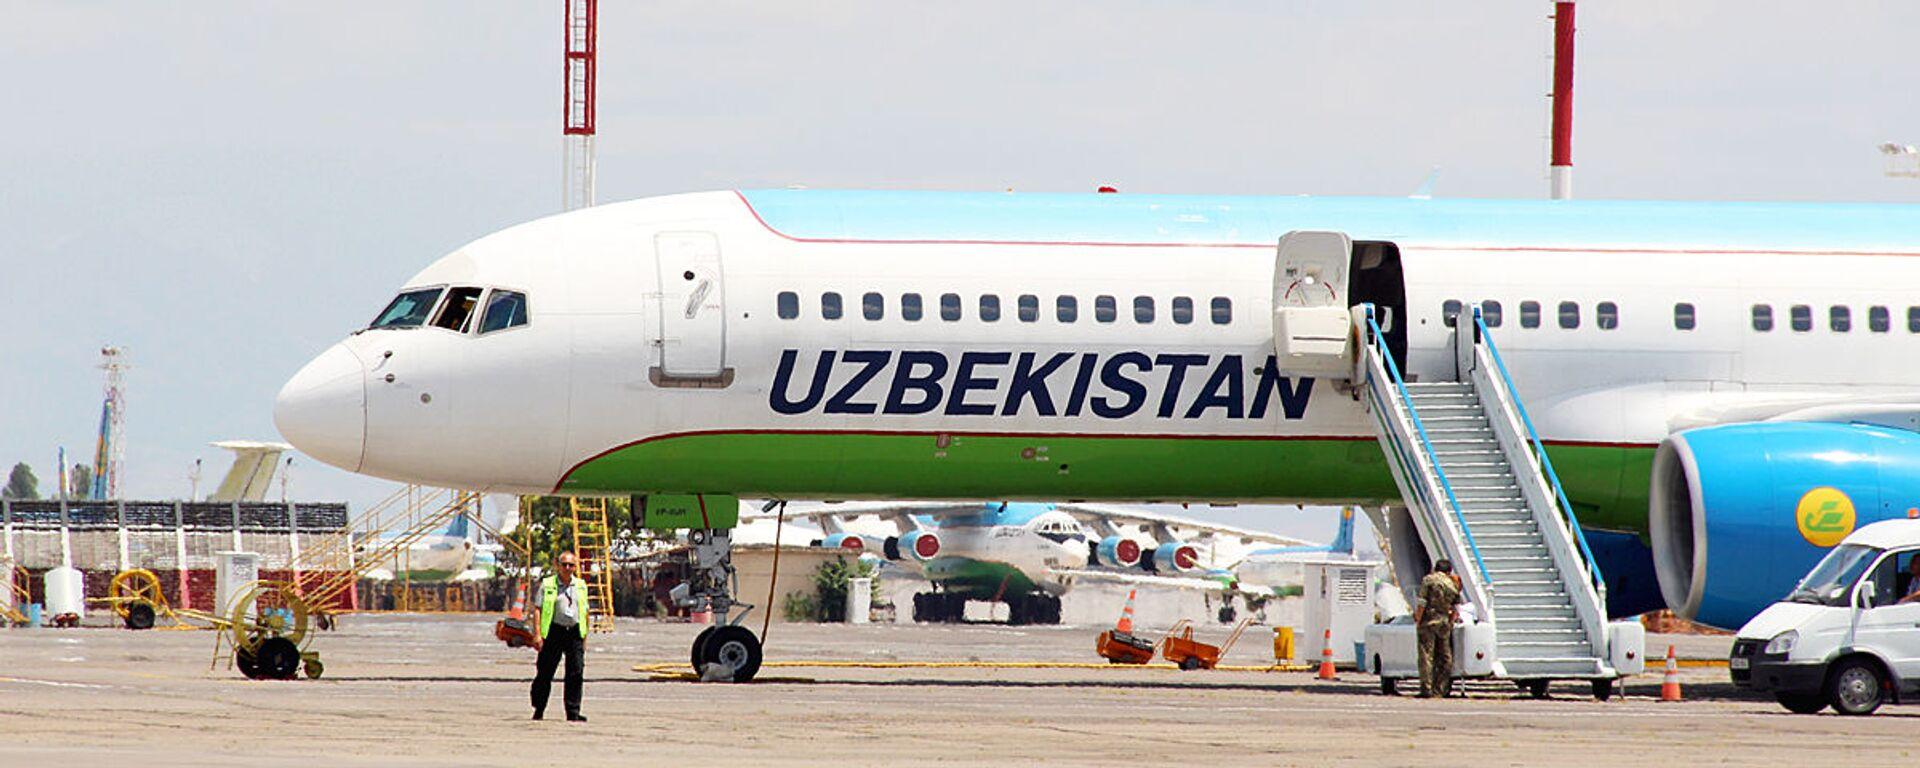 Boeing 757 uzbekskix avialiniy - Sputnik Oʻzbekiston, 1920, 30.06.2021